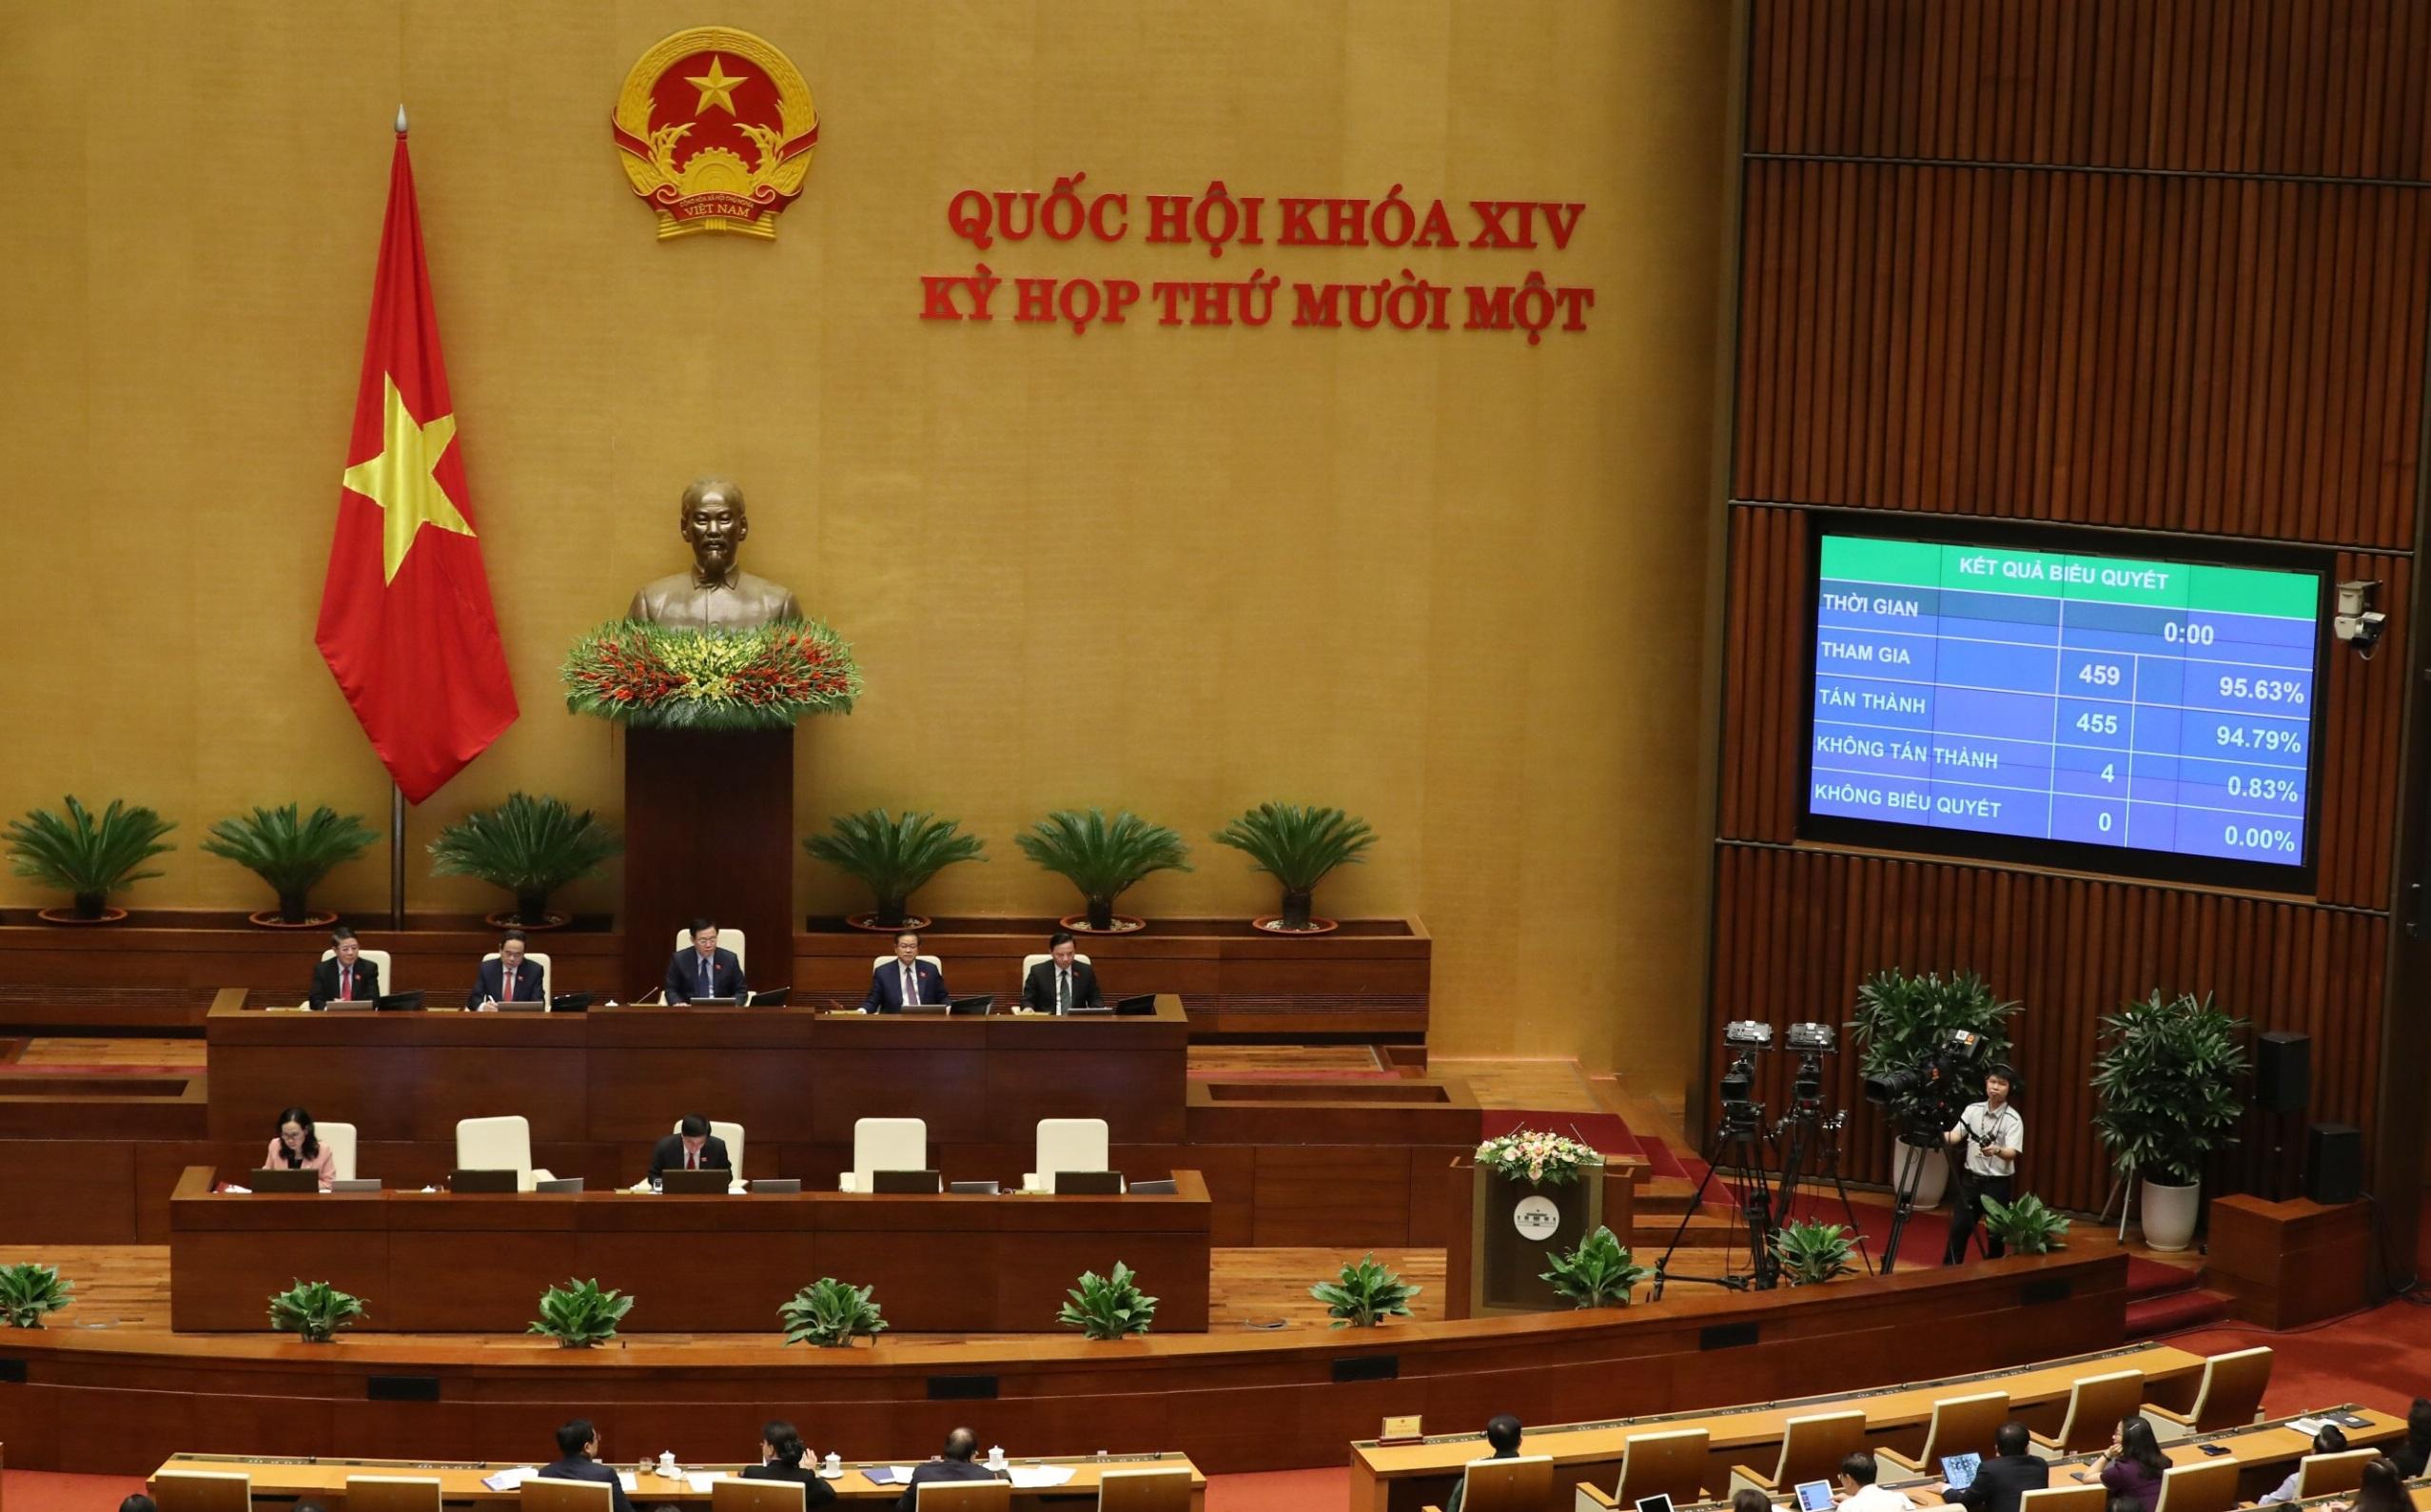 Quốc hội hoàn tất công tác kiện toàn các chức danh Nhà nước